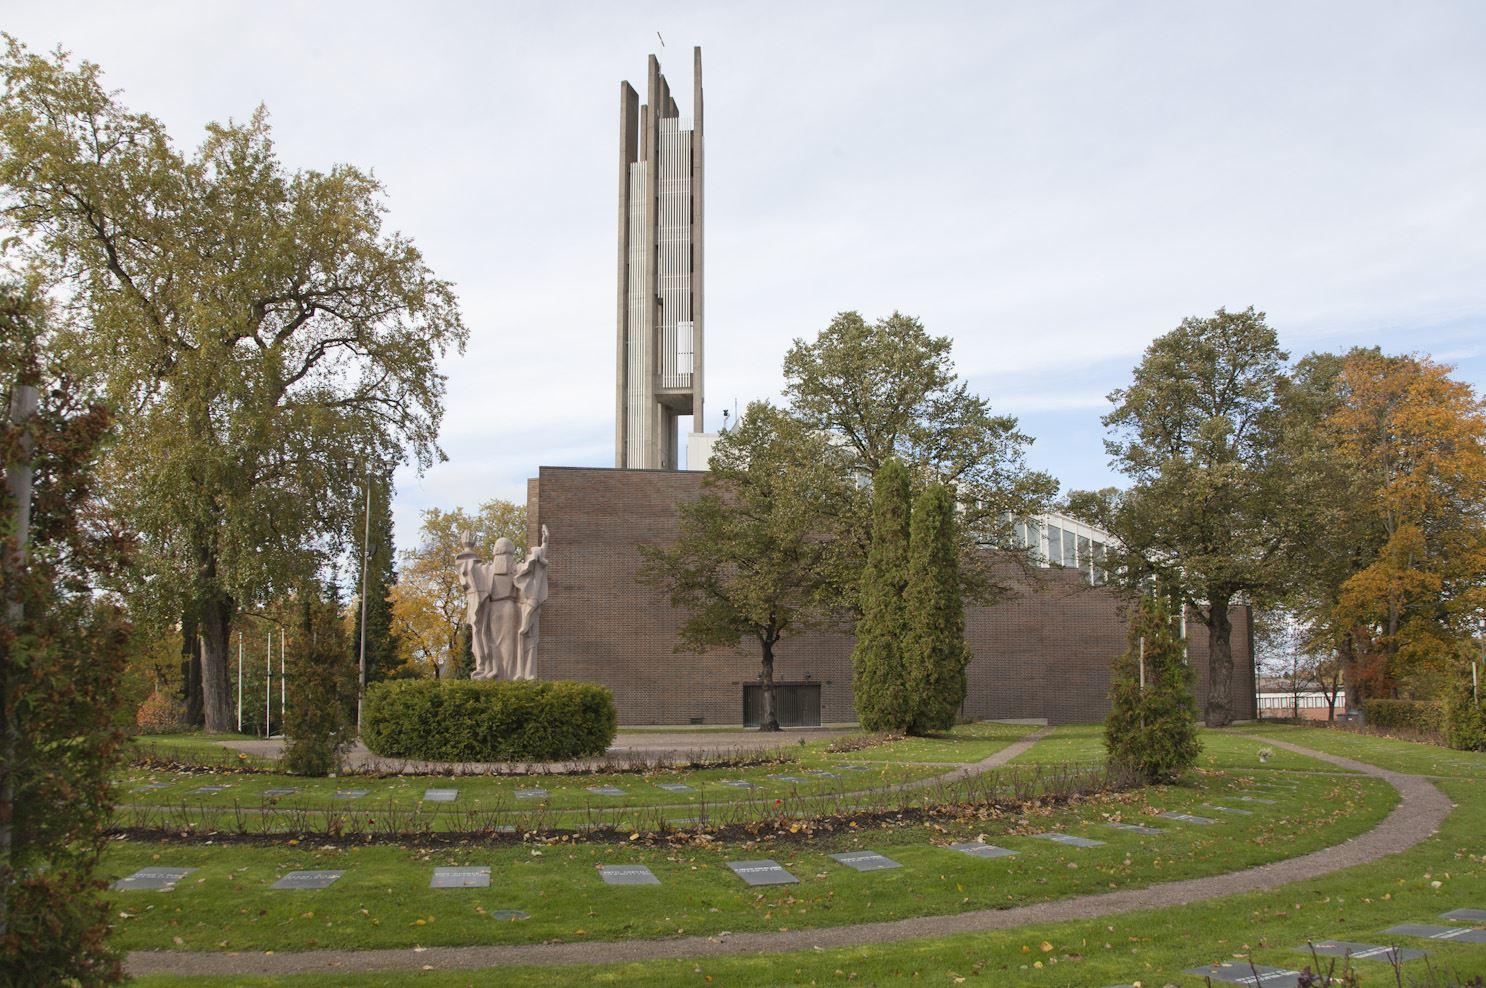 Finnish Architecture in Lahti: Alvar Aalto and Eliel Saarinen | JOKIMAAN PARONI, GUIDE PÄIVI OKSANEN